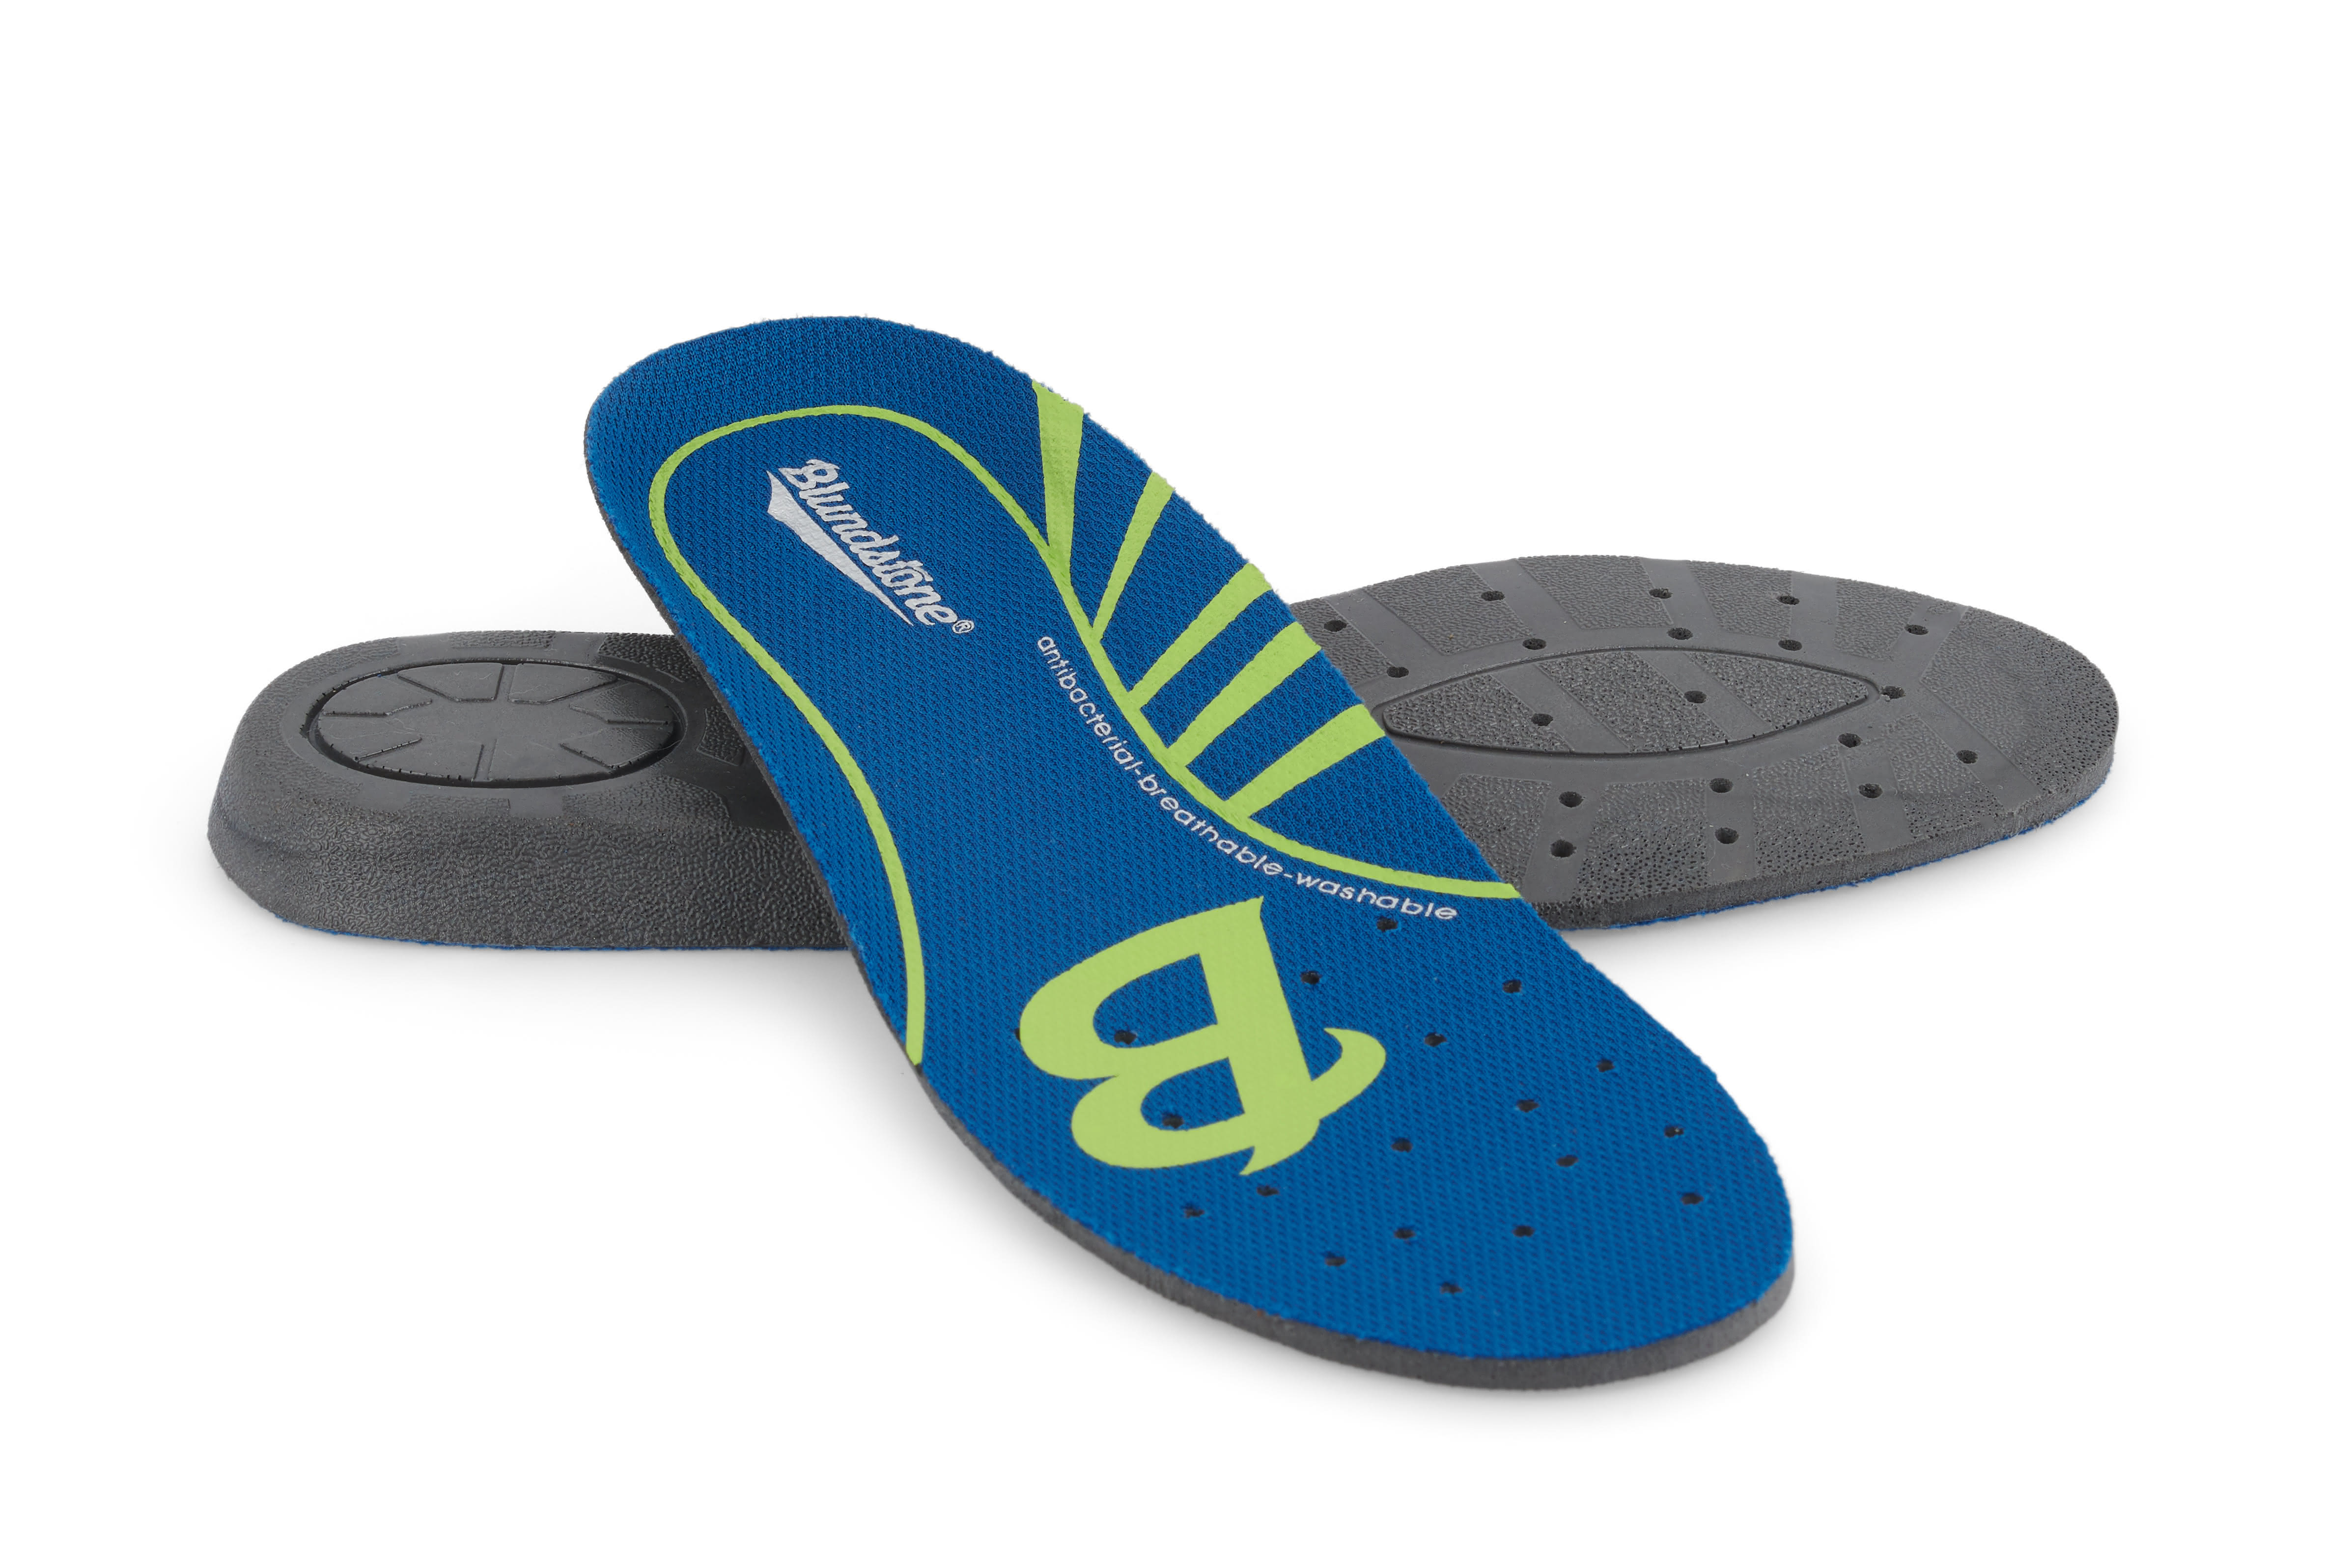 Blundstone Comfort Air Footbed Einlegesohle